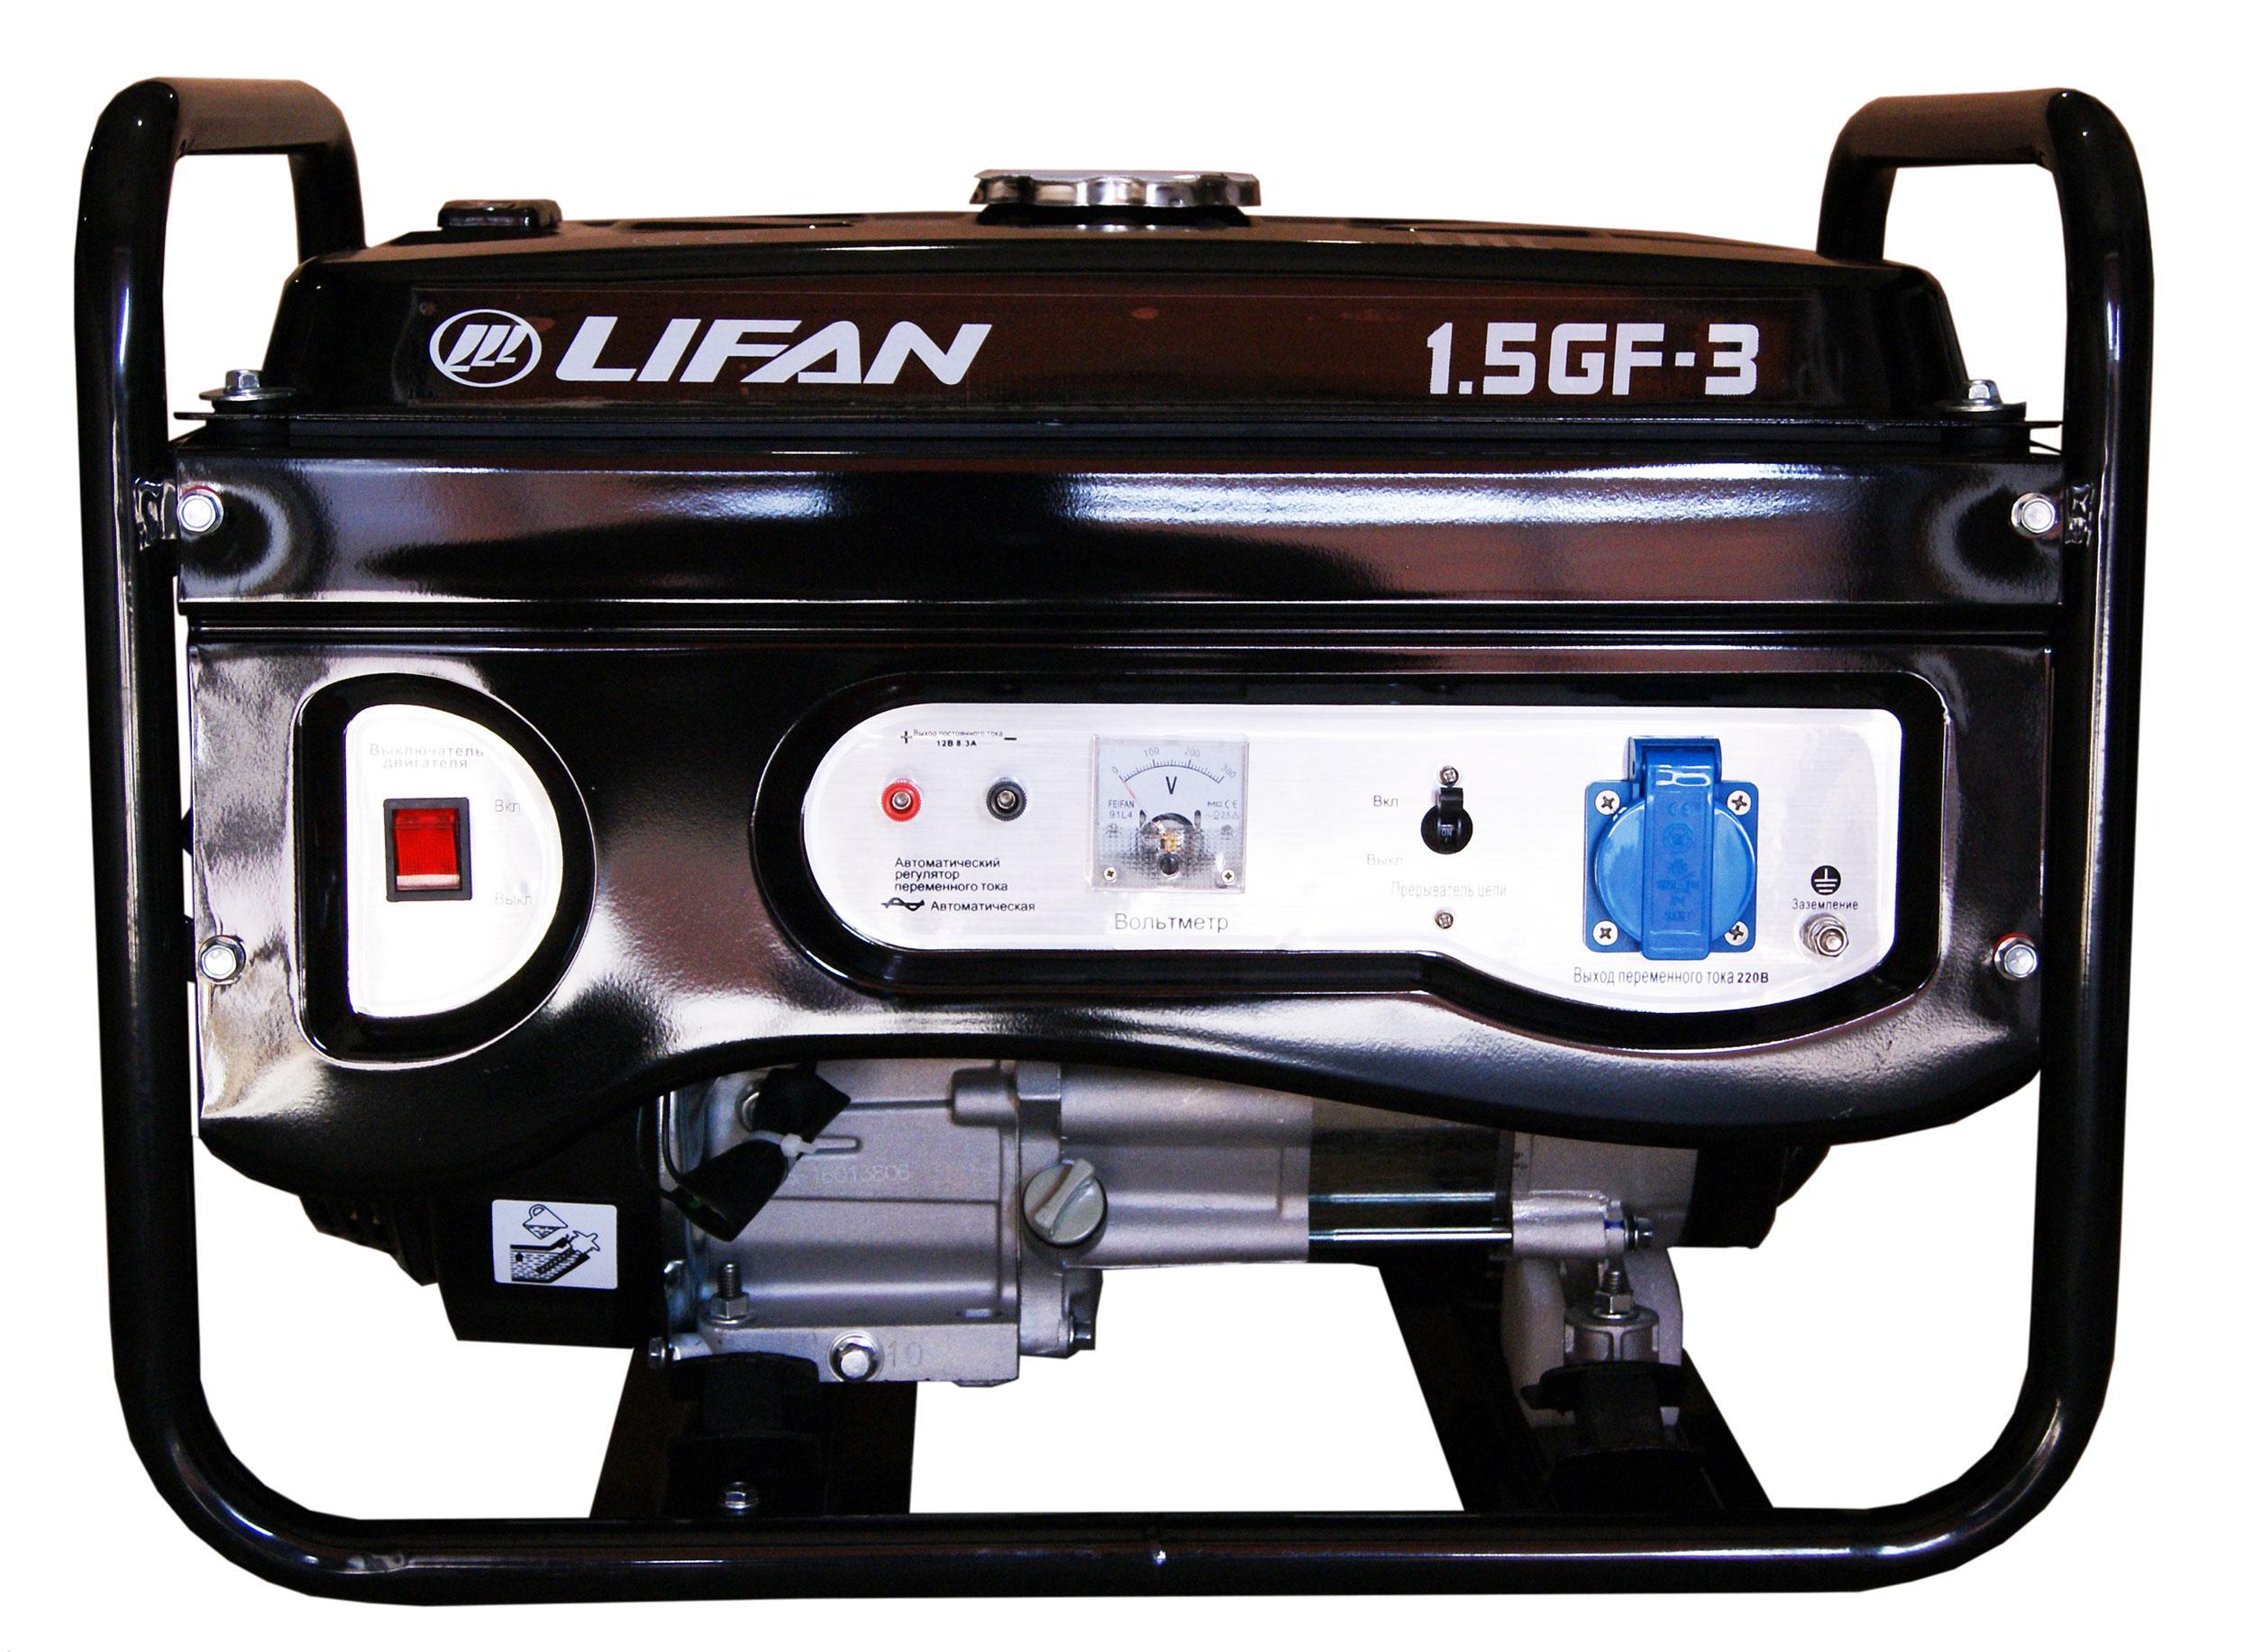 Генератор Lifan 1.5gf-3 двигатель lifan 168f 2l